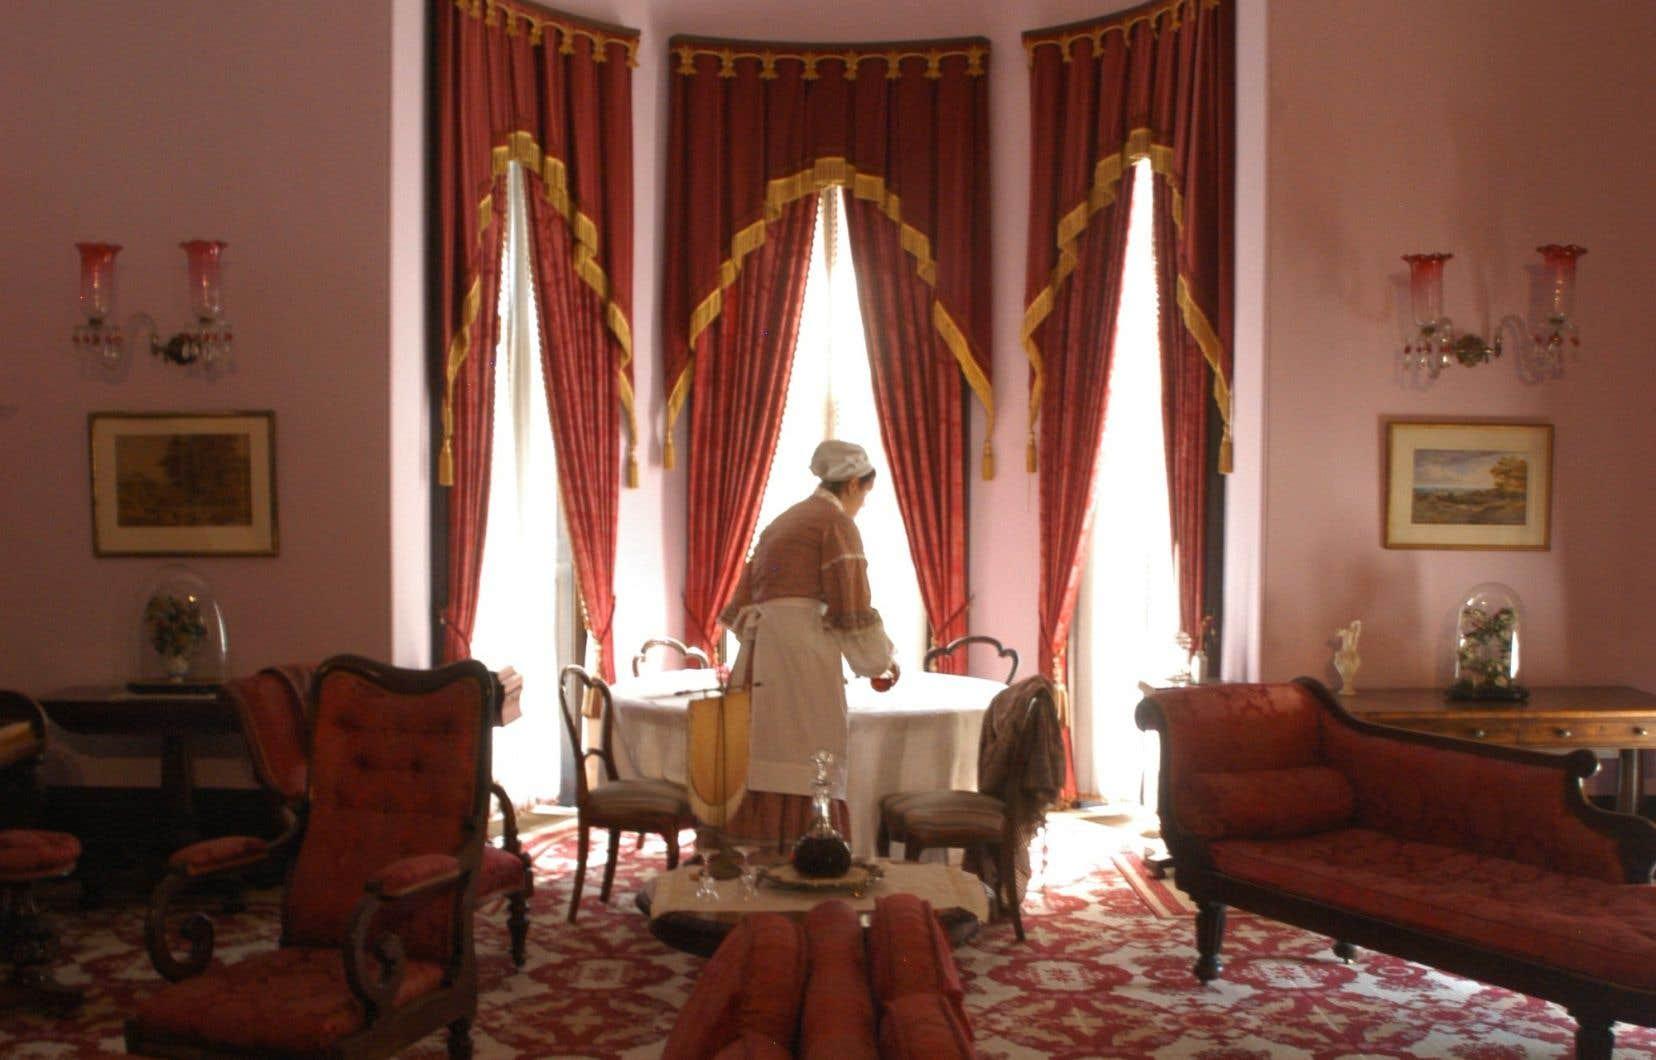 L'opulente décorationvictorienne du Château Dundurn fascine ses visiteurs. Durant les fêtes, cette immense résidence du XIXe siècle sera décorée de manière festive, comme elle l'étaità l'époque.